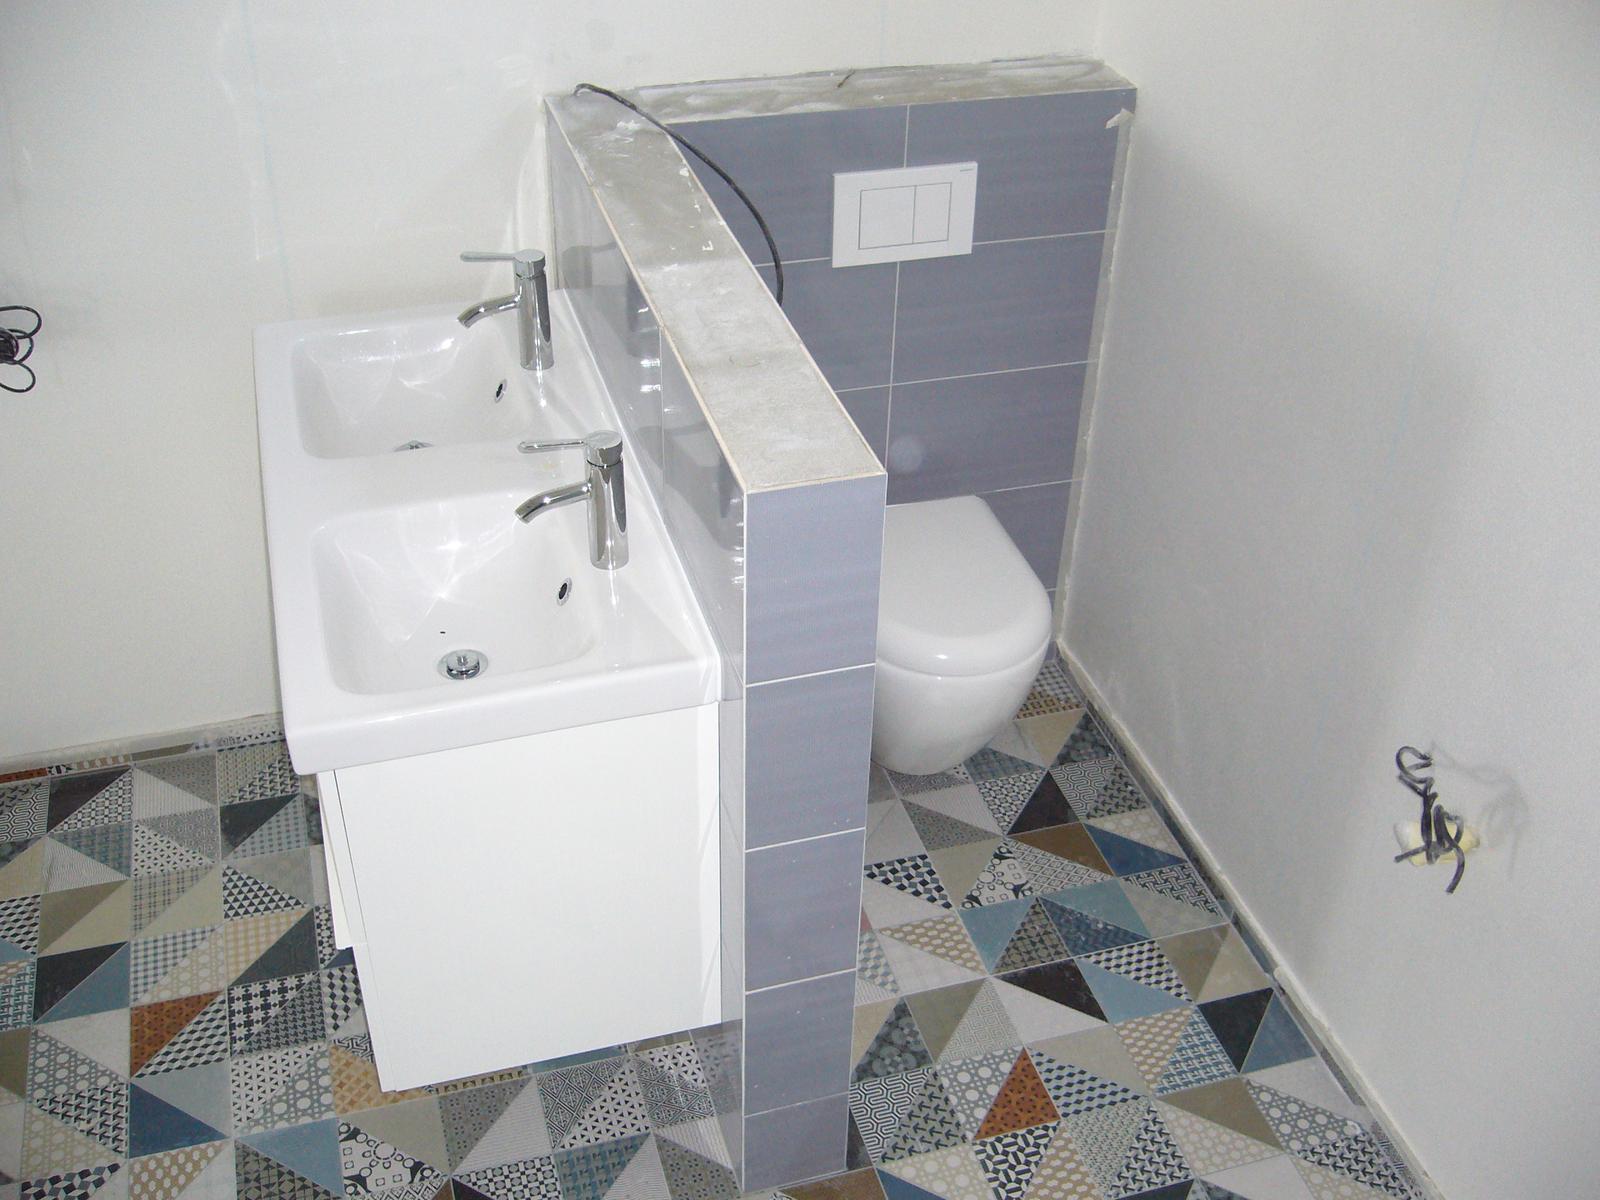 Byt BA - Dlhé Diely - Kúpeľňa 1